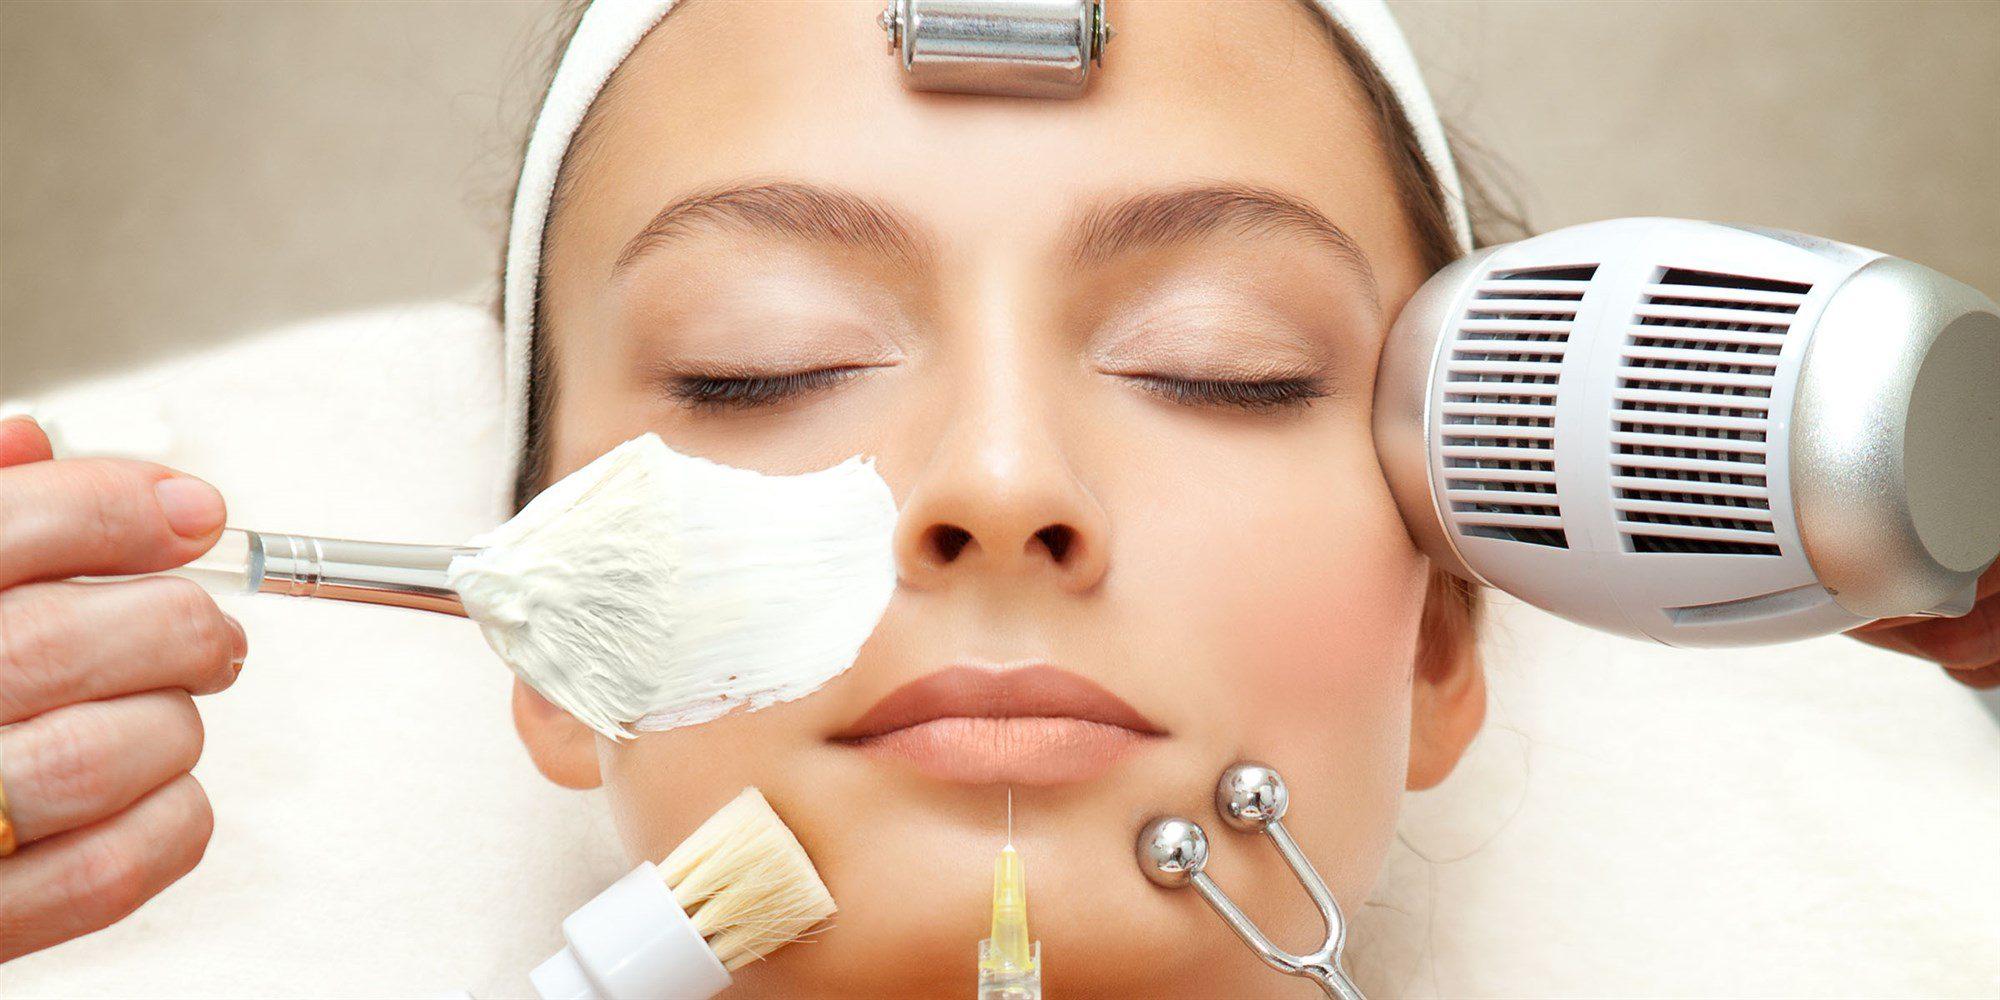 مراحل روزانه مراقبت از پوست - فروشگاه اینترنتی می شاپ